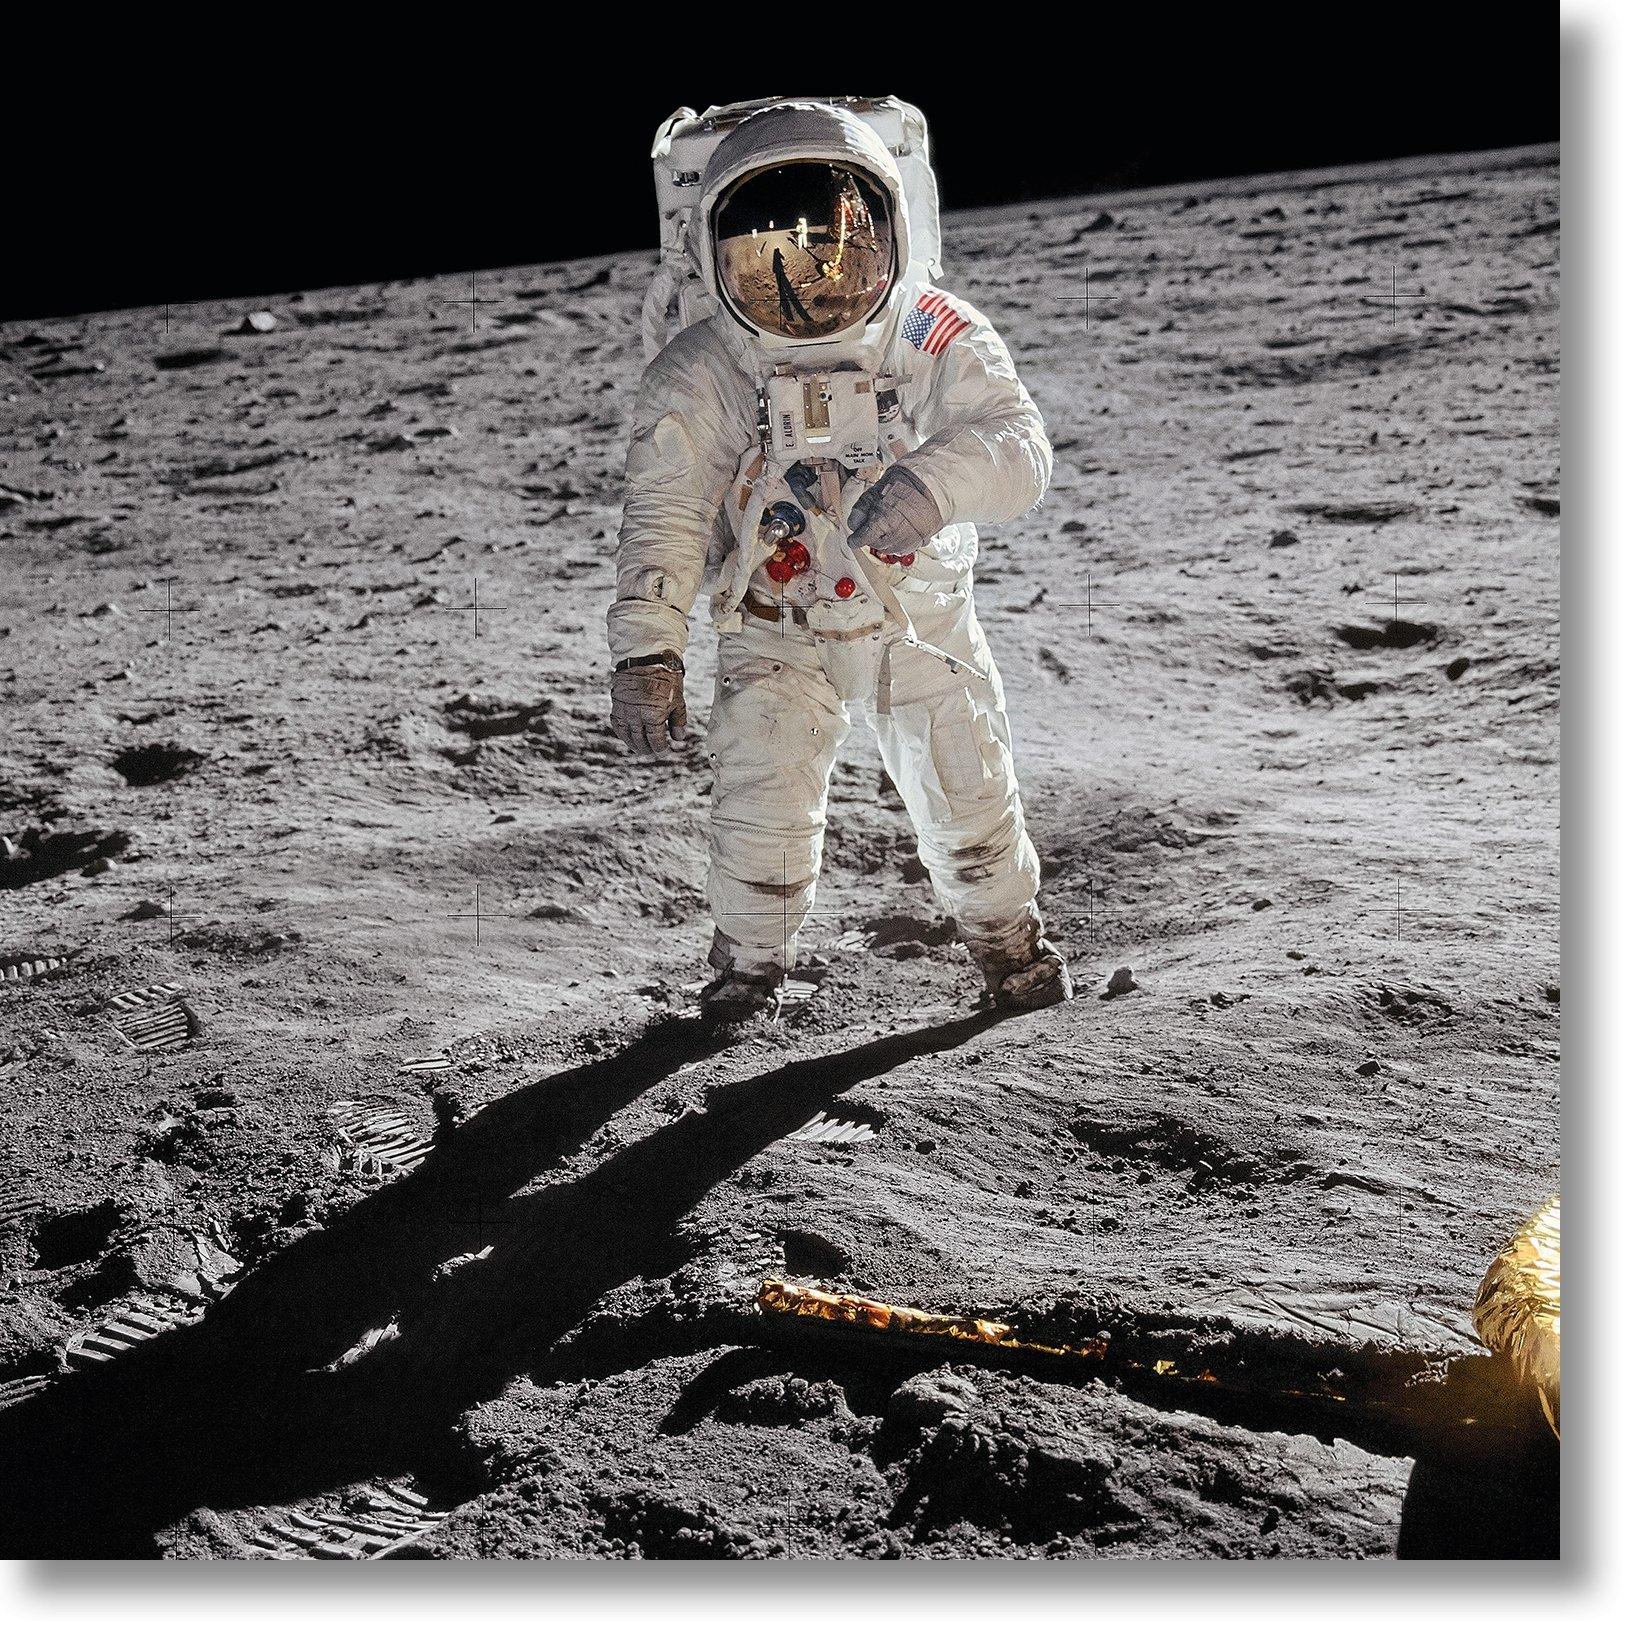 Apollo 11. A Man on the Moon by Buzz Aldrin